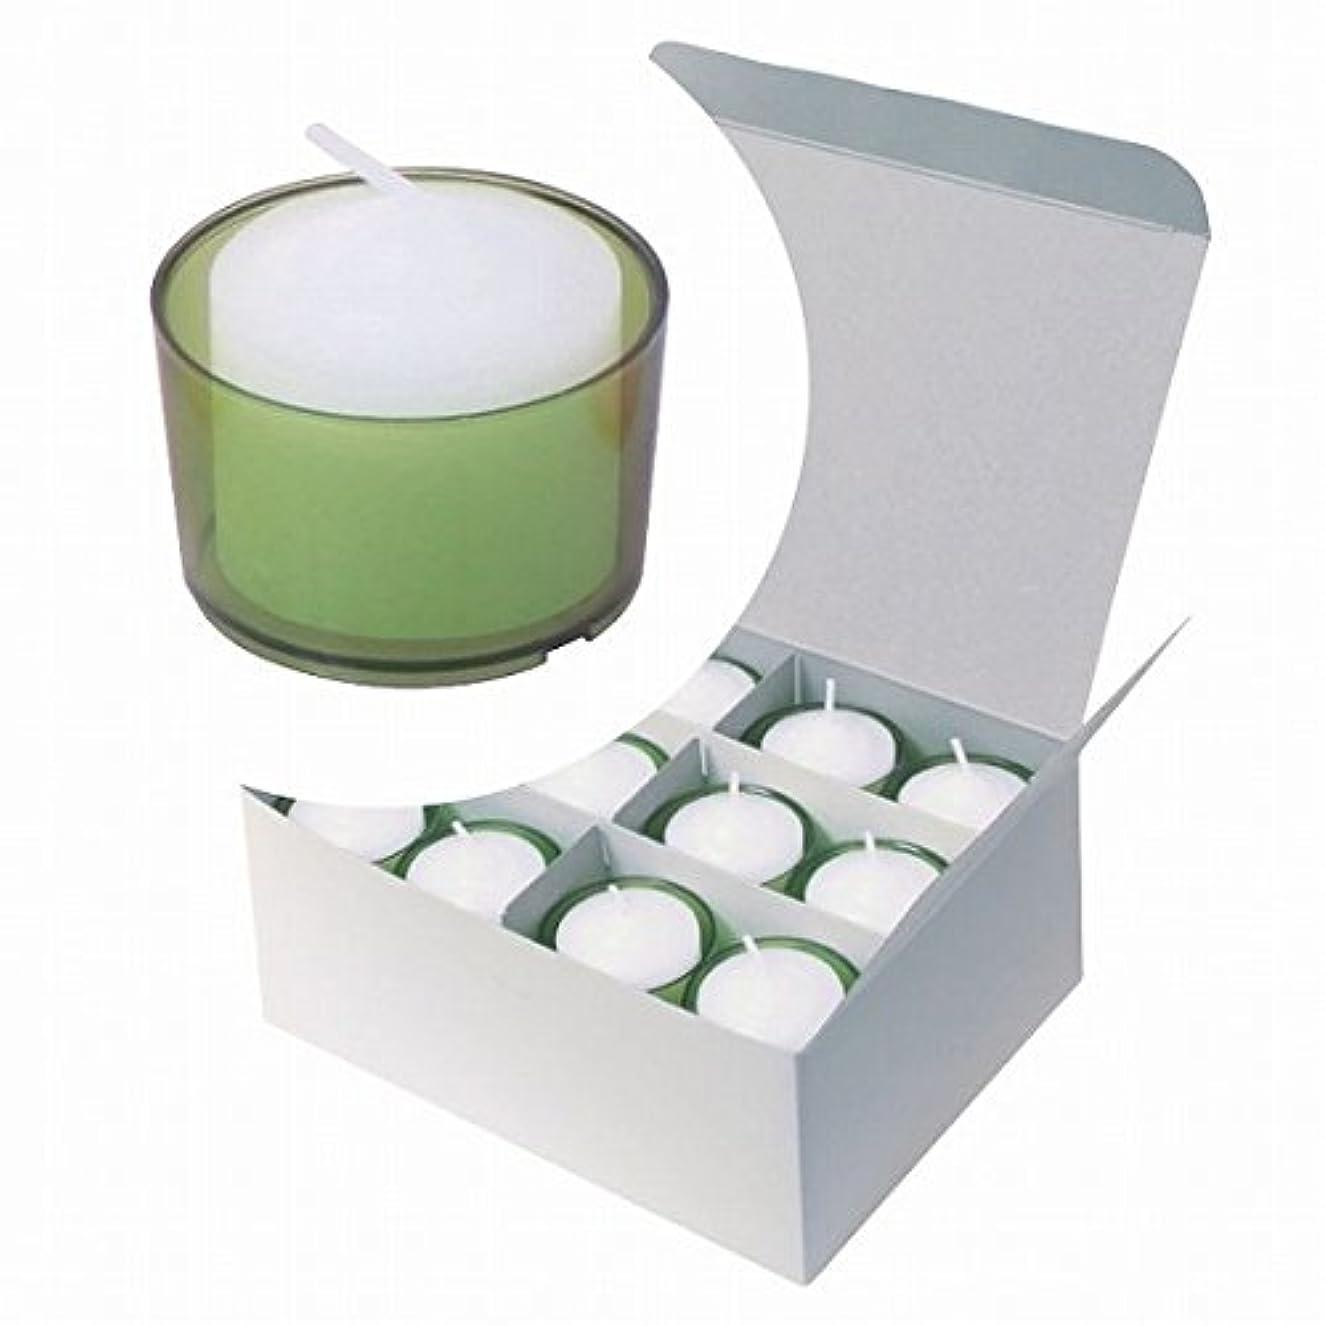 娘モートあいさつカメヤマキャンドル(kameyama candle) カラークリアカップボーティブ6時間タイプ 24個入り 「 グリーン 」